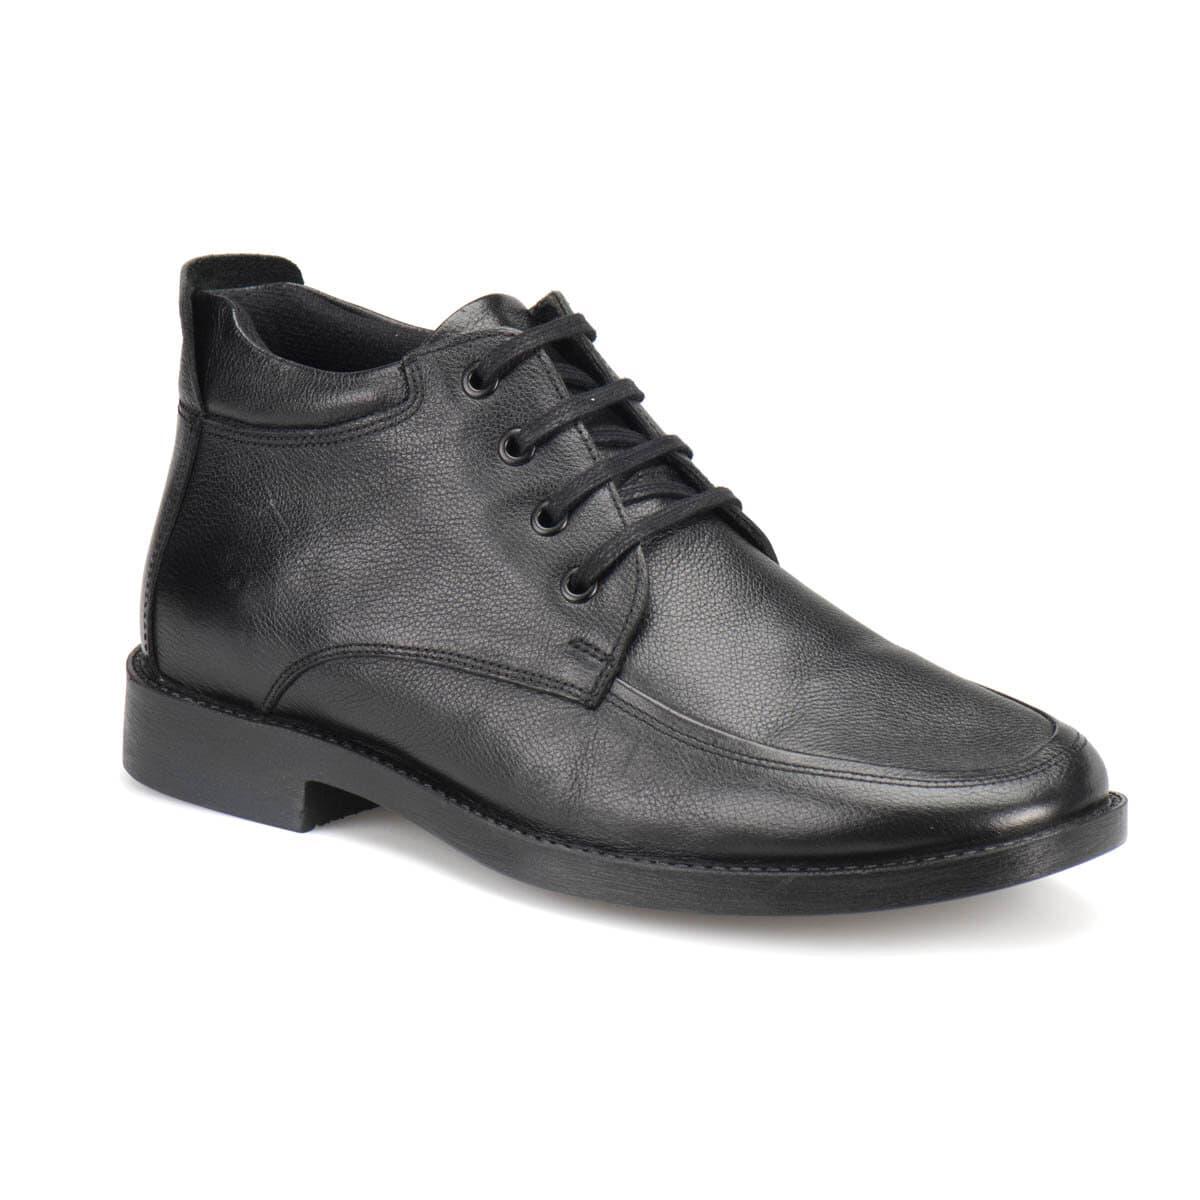 CourtJam Bounce Erkek Siyah Tenis Ayakkabısı (FX1493)